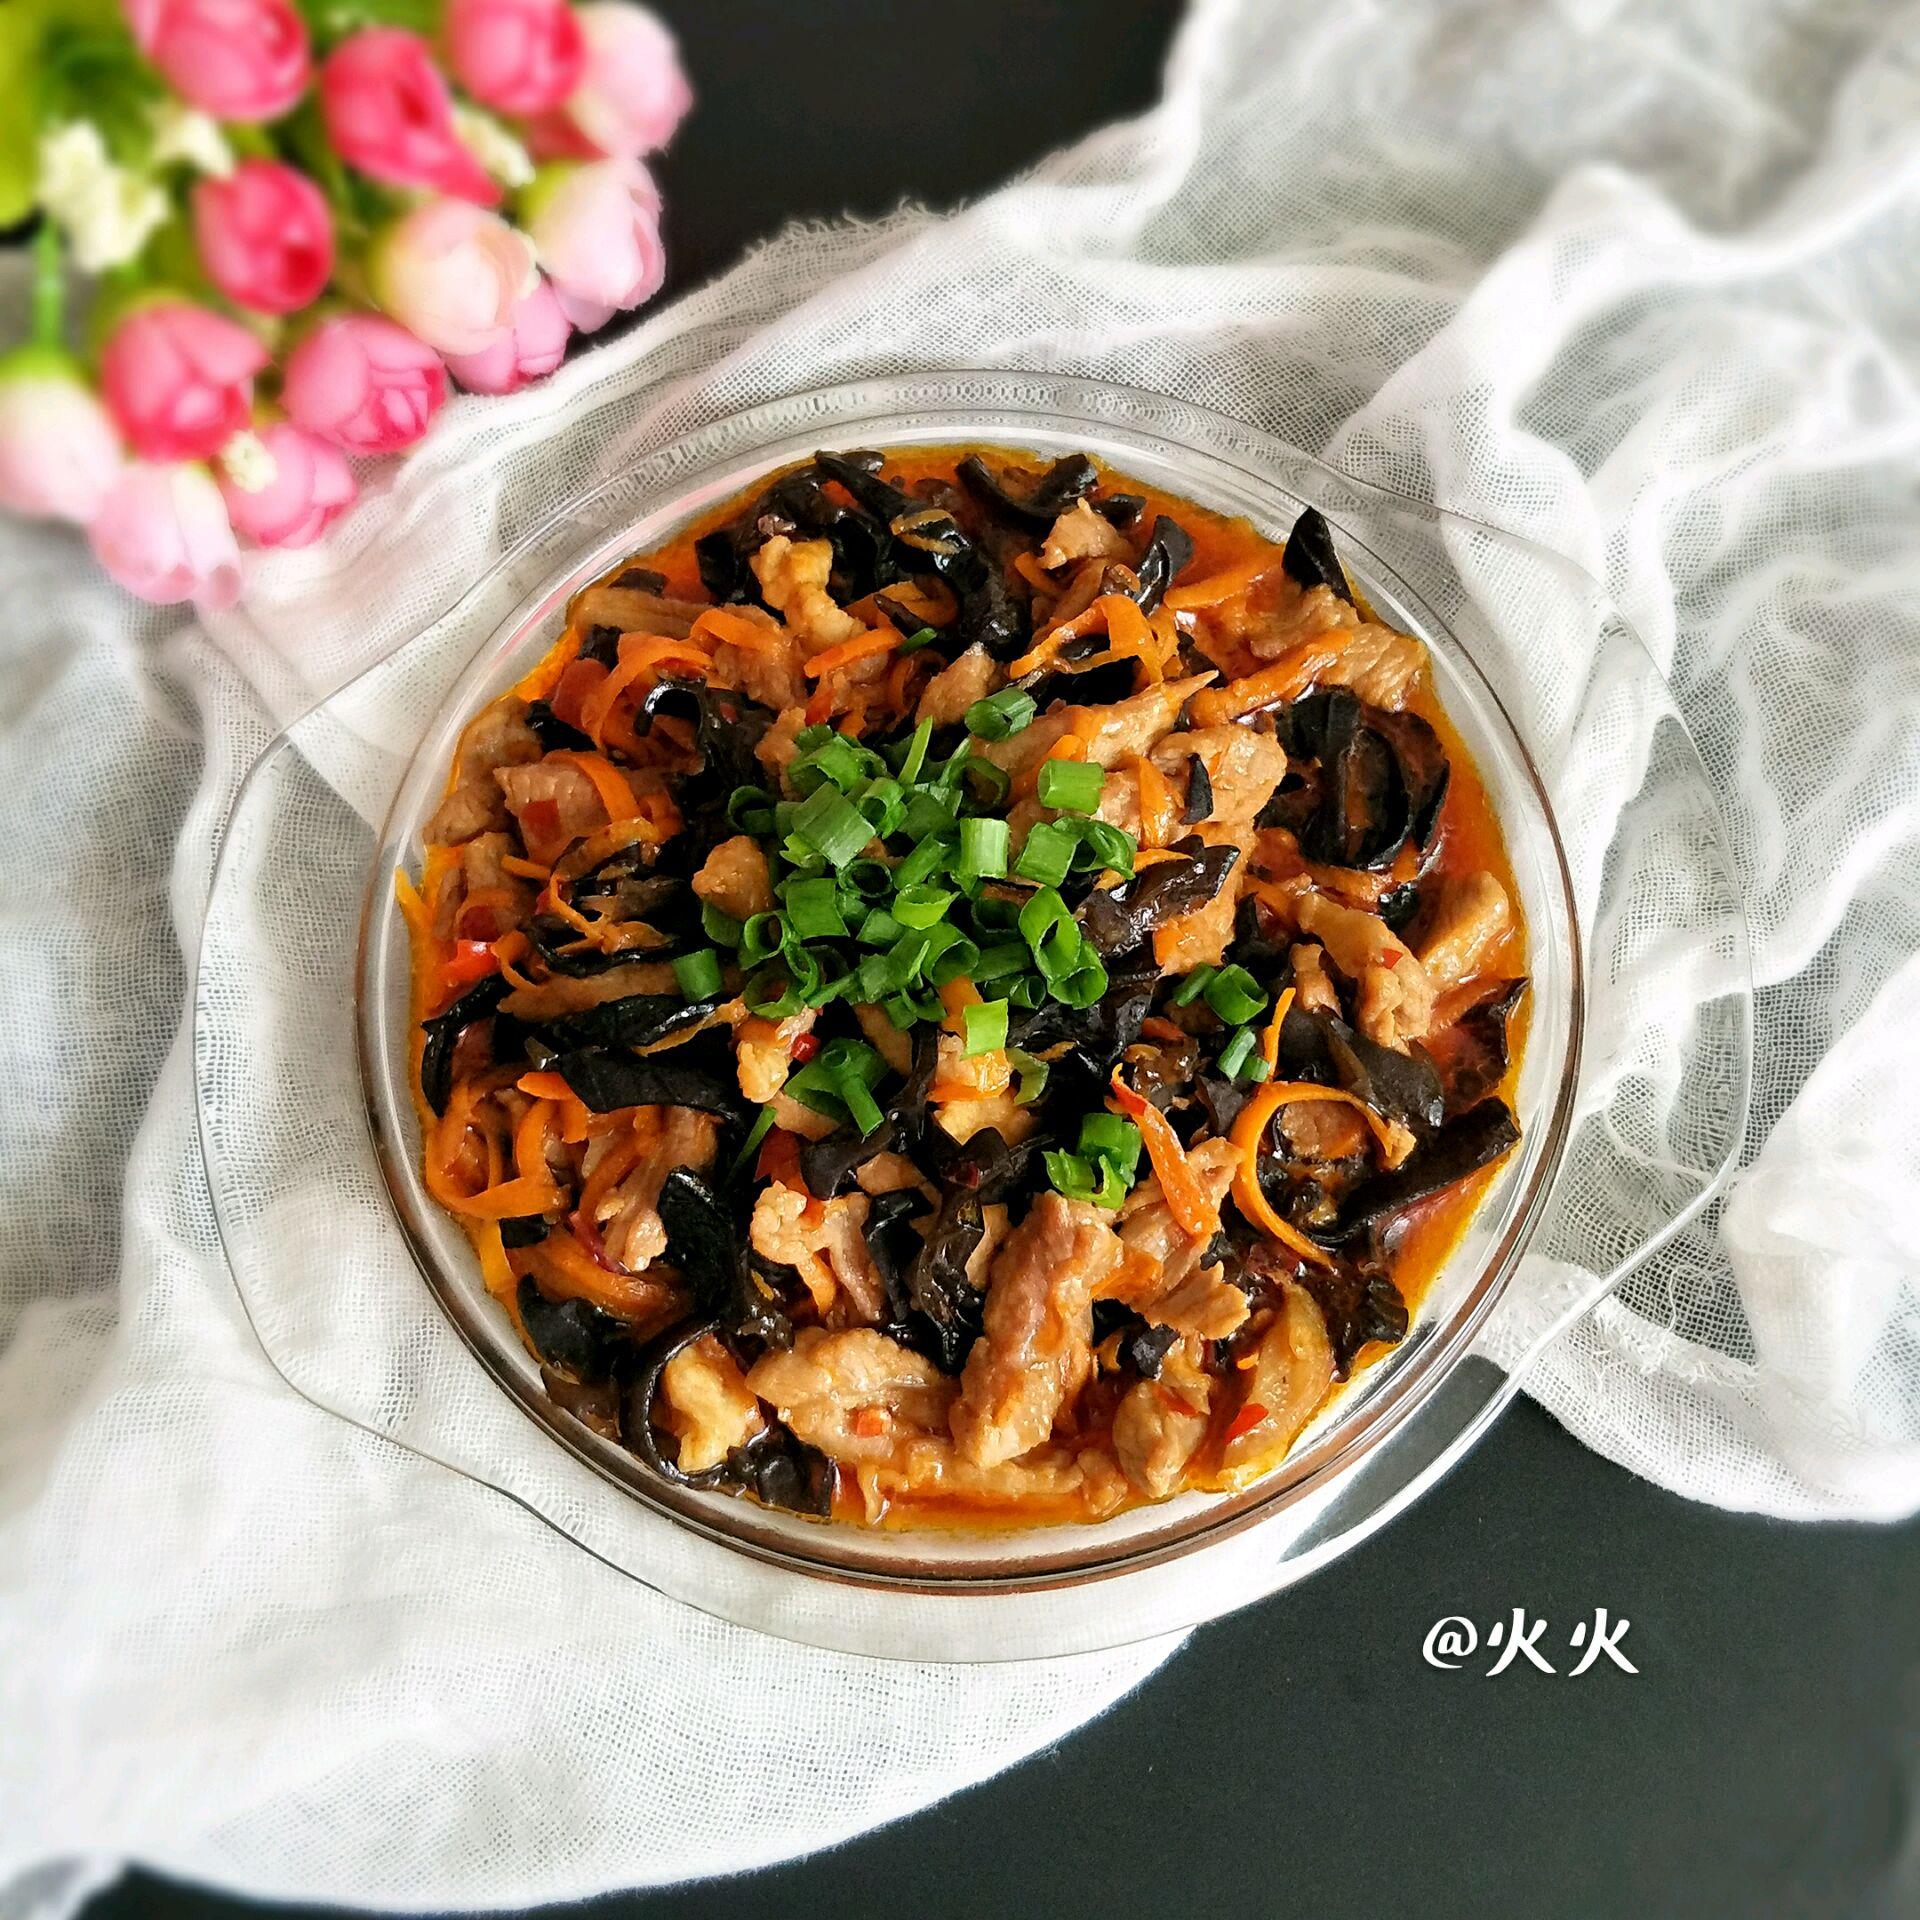 黑木耳�9�y�*:,_家常鱼香肉丝的做法_【图解】家常鱼香肉丝怎么做如何做好吃